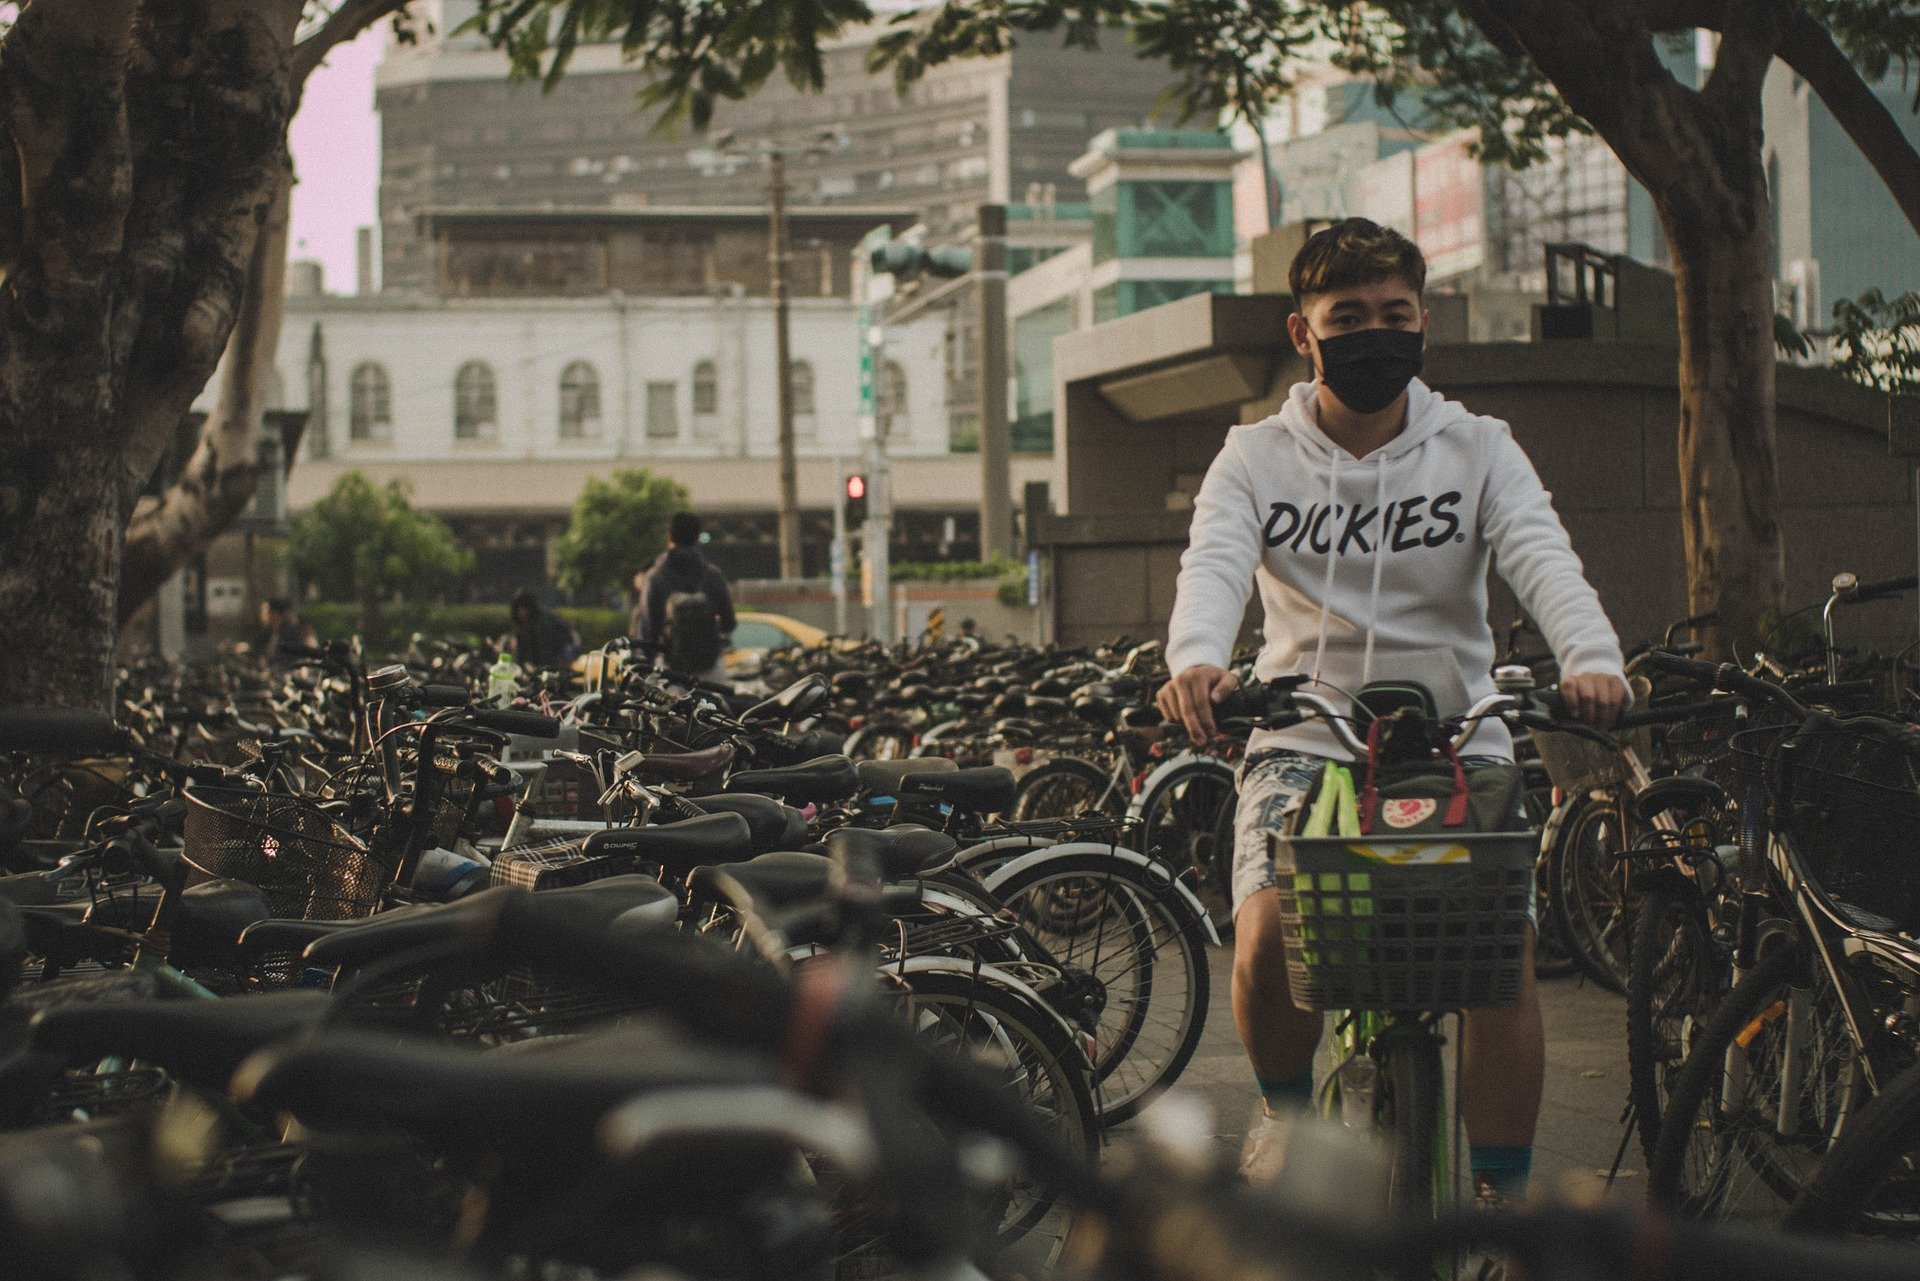 Китай, коронавирус, экология. Китаец на велосипеде